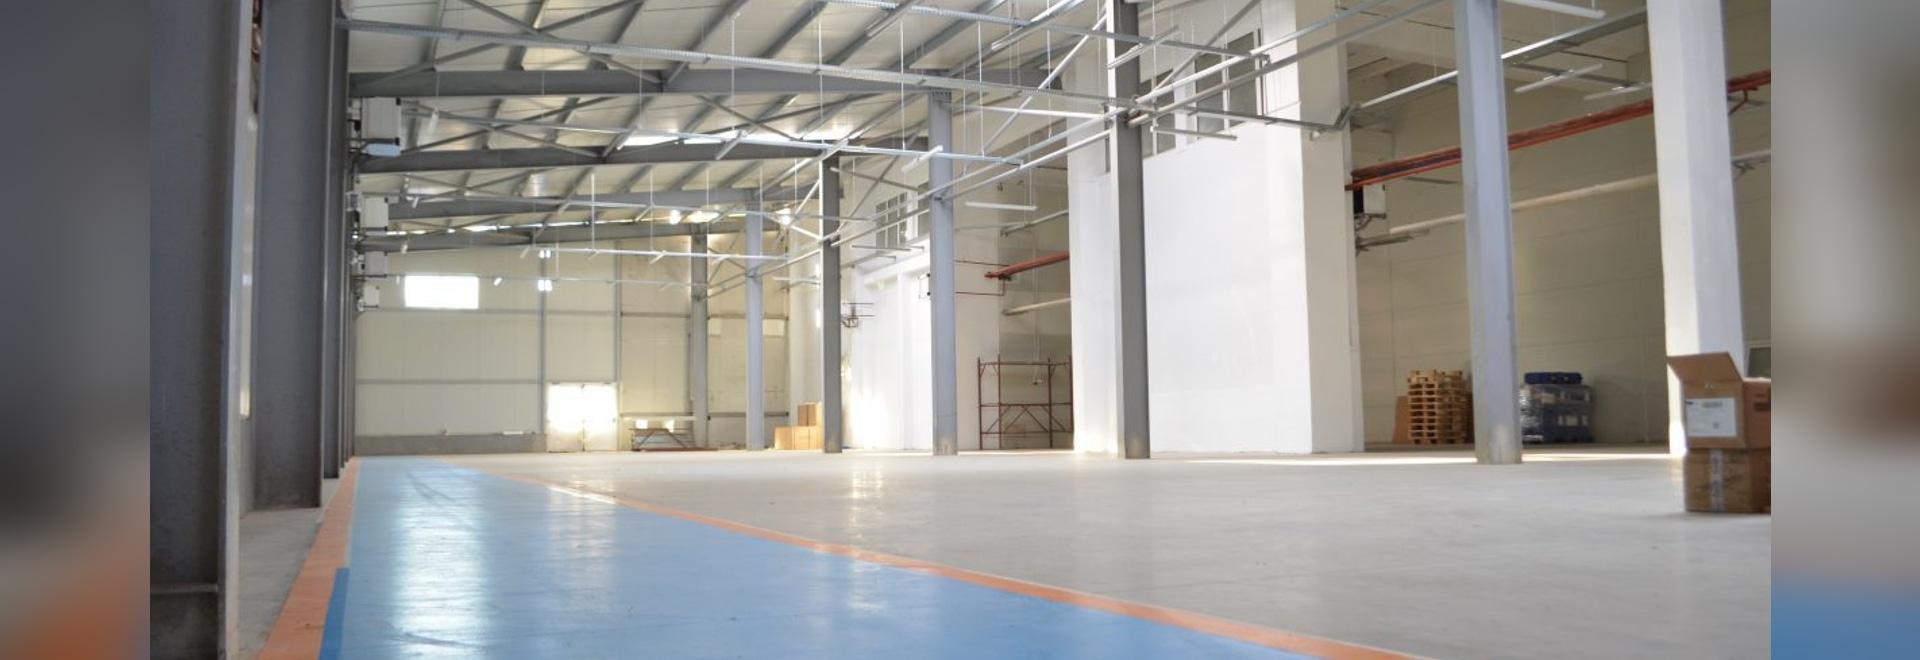 Erhöhung der Kapazität einer fabrizierten Teil-Stahlfabrik